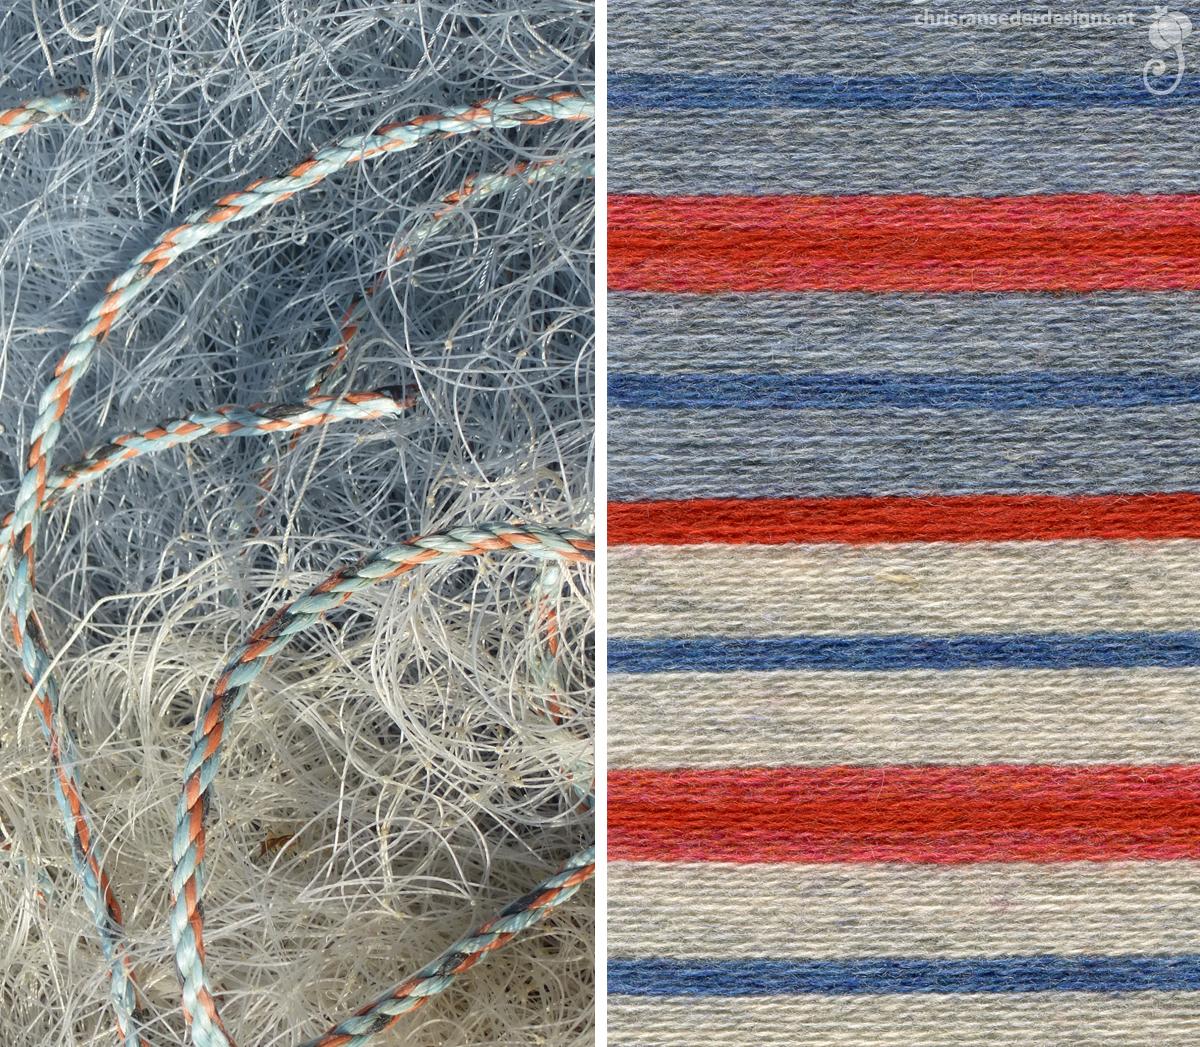 Detail of a fishing net and shade card. | Detail eines Netzes für den Fischfang und Farbkarte.